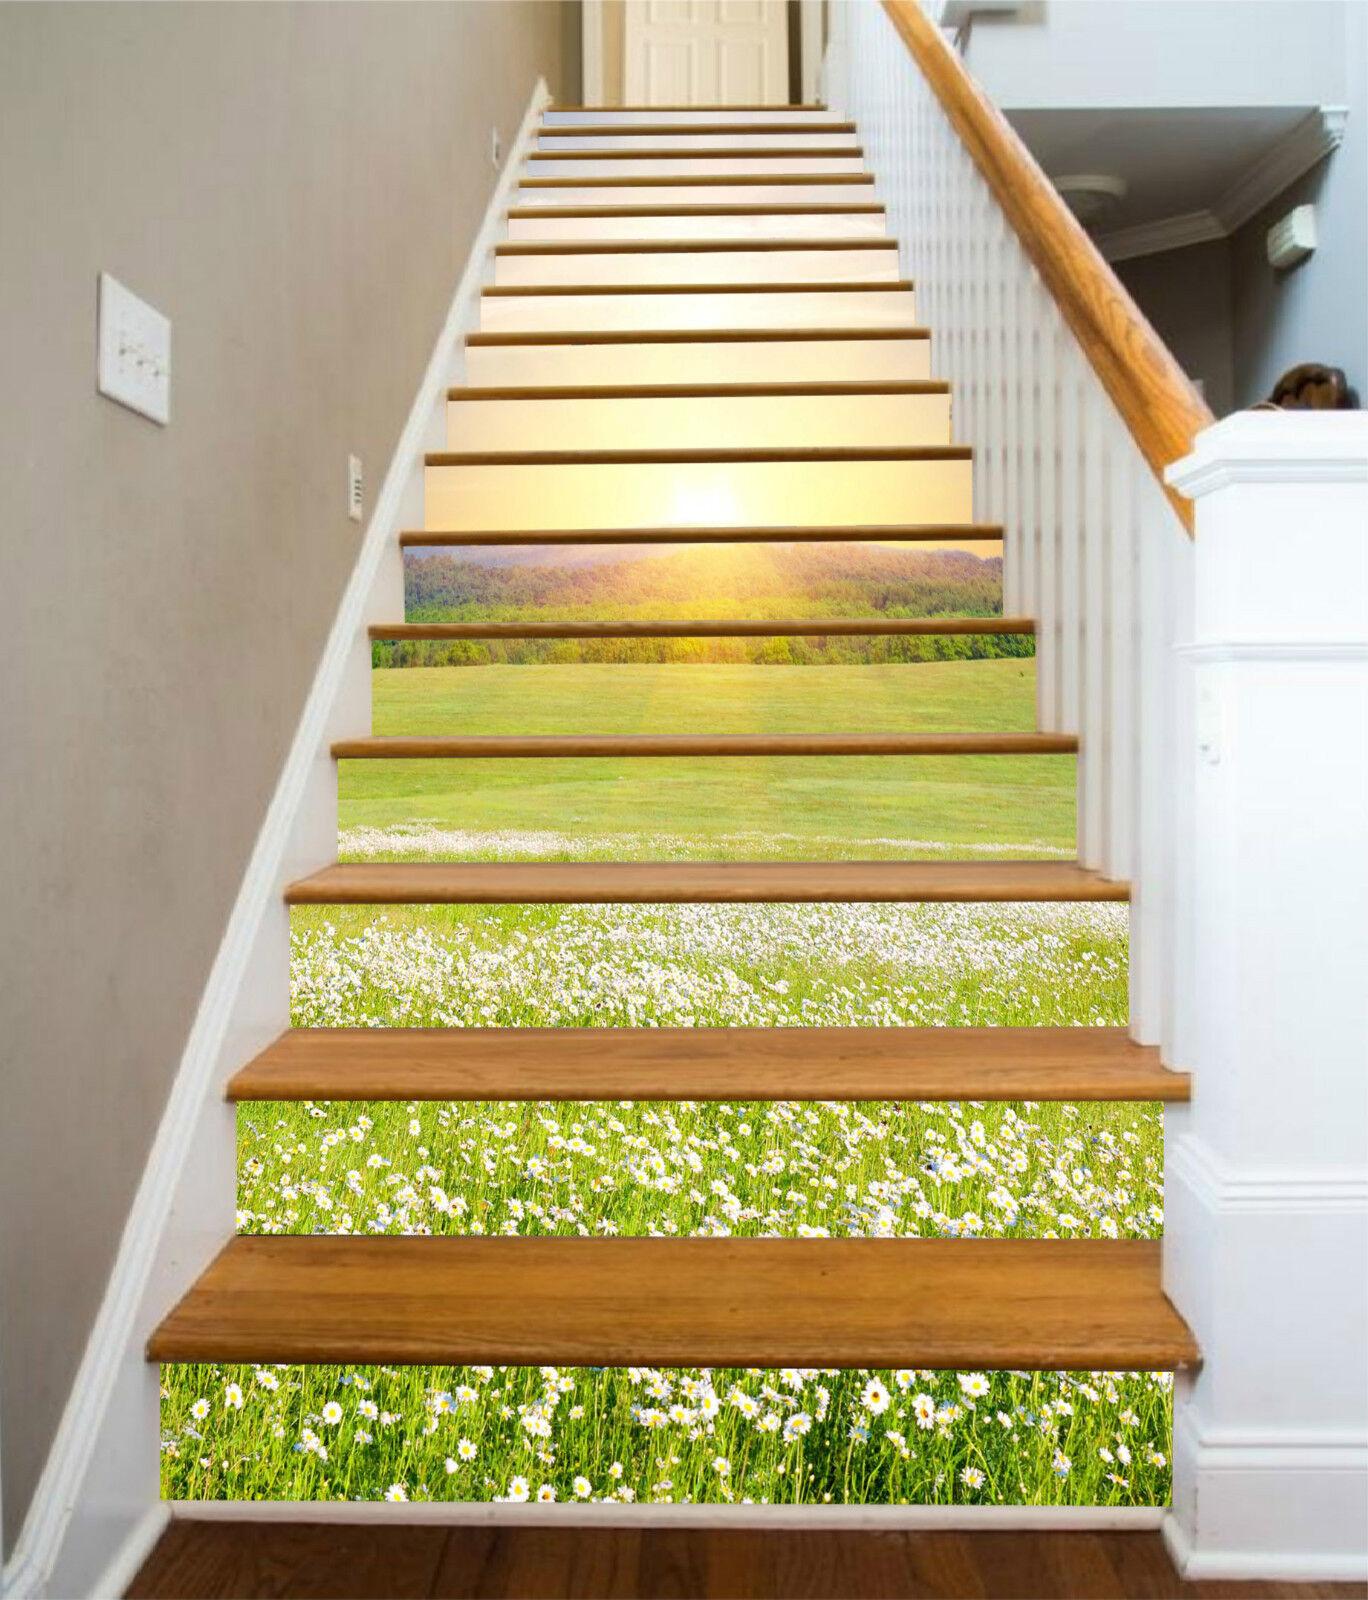 3D klar Blaume 582 Stair Risers Dekoration Fototapete Vinyl Aufkleber Tapete DE